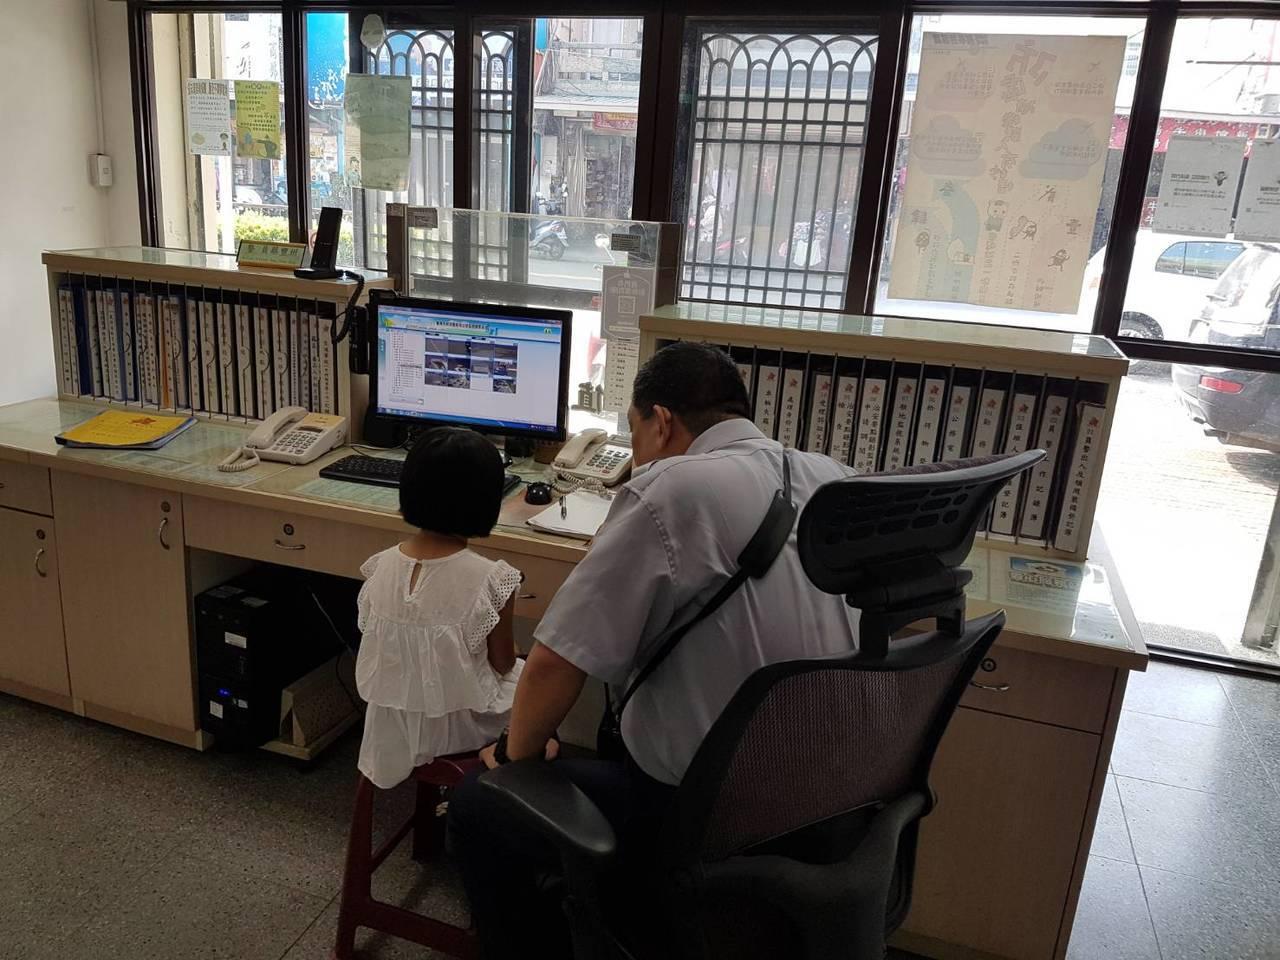 7歲女童被丟包善心民眾送到派出所,員警蔡豐州安撫女童。圖/記者周宗禎翻攝